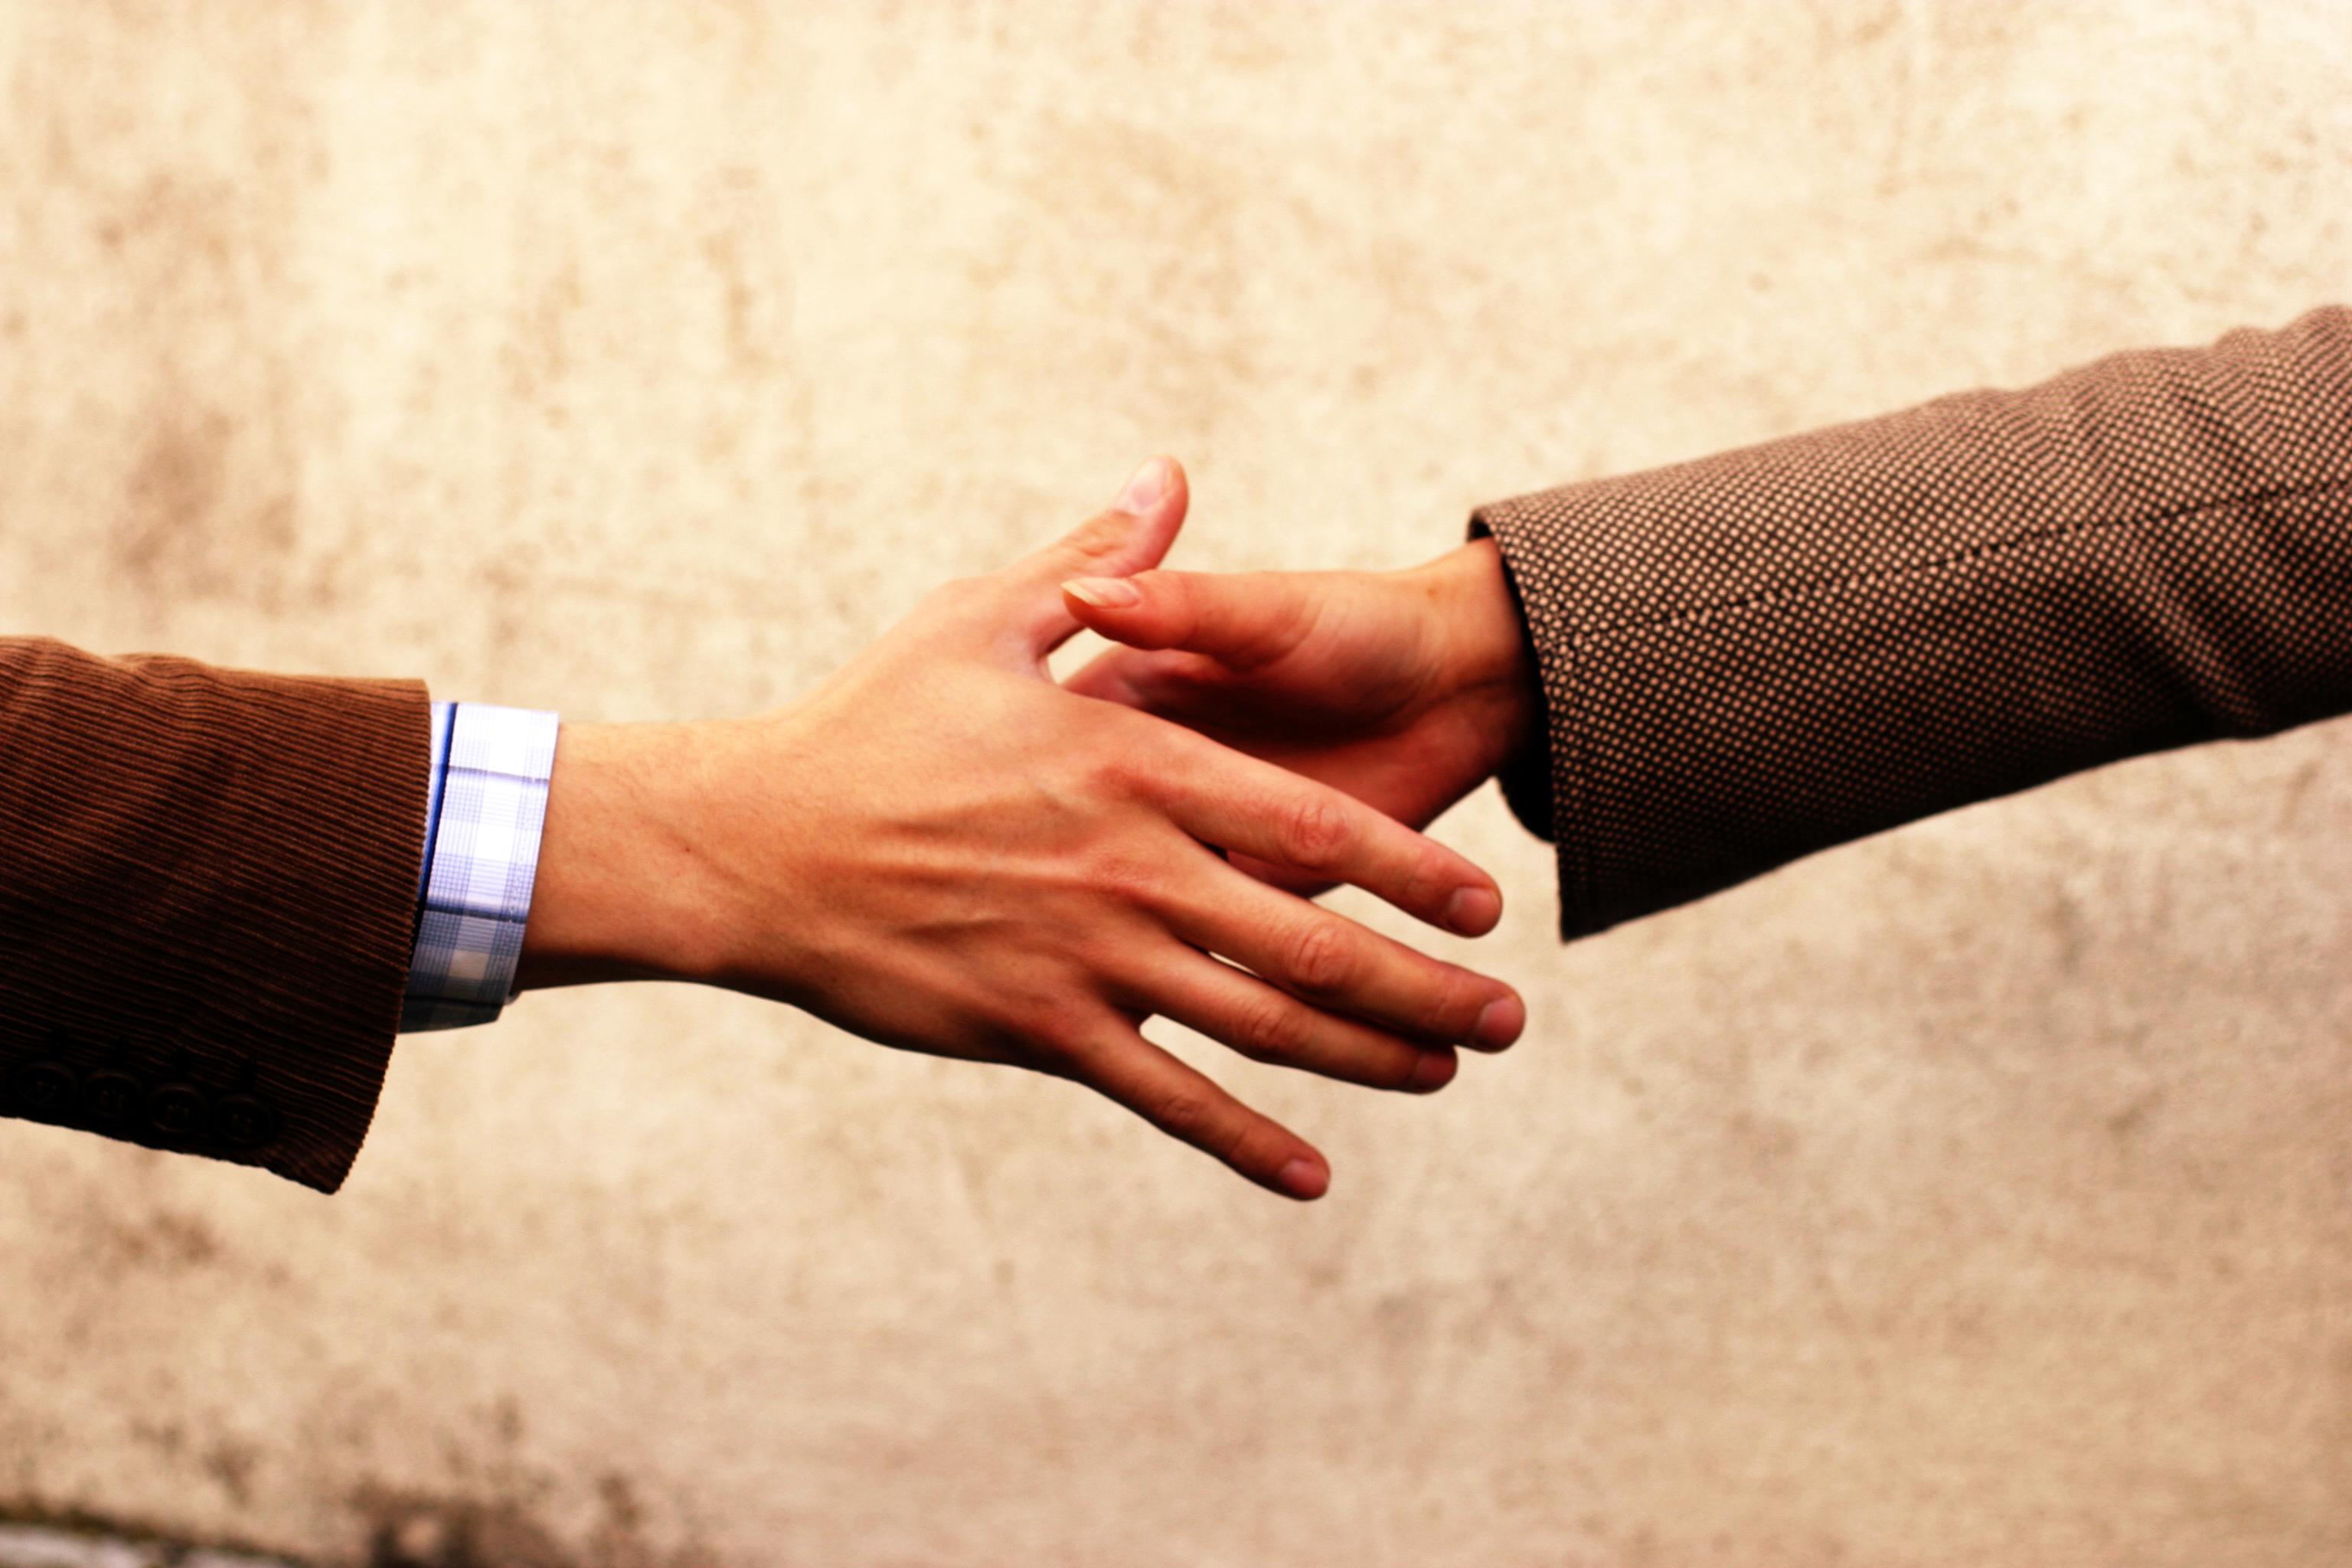 handshake-communication-1532849